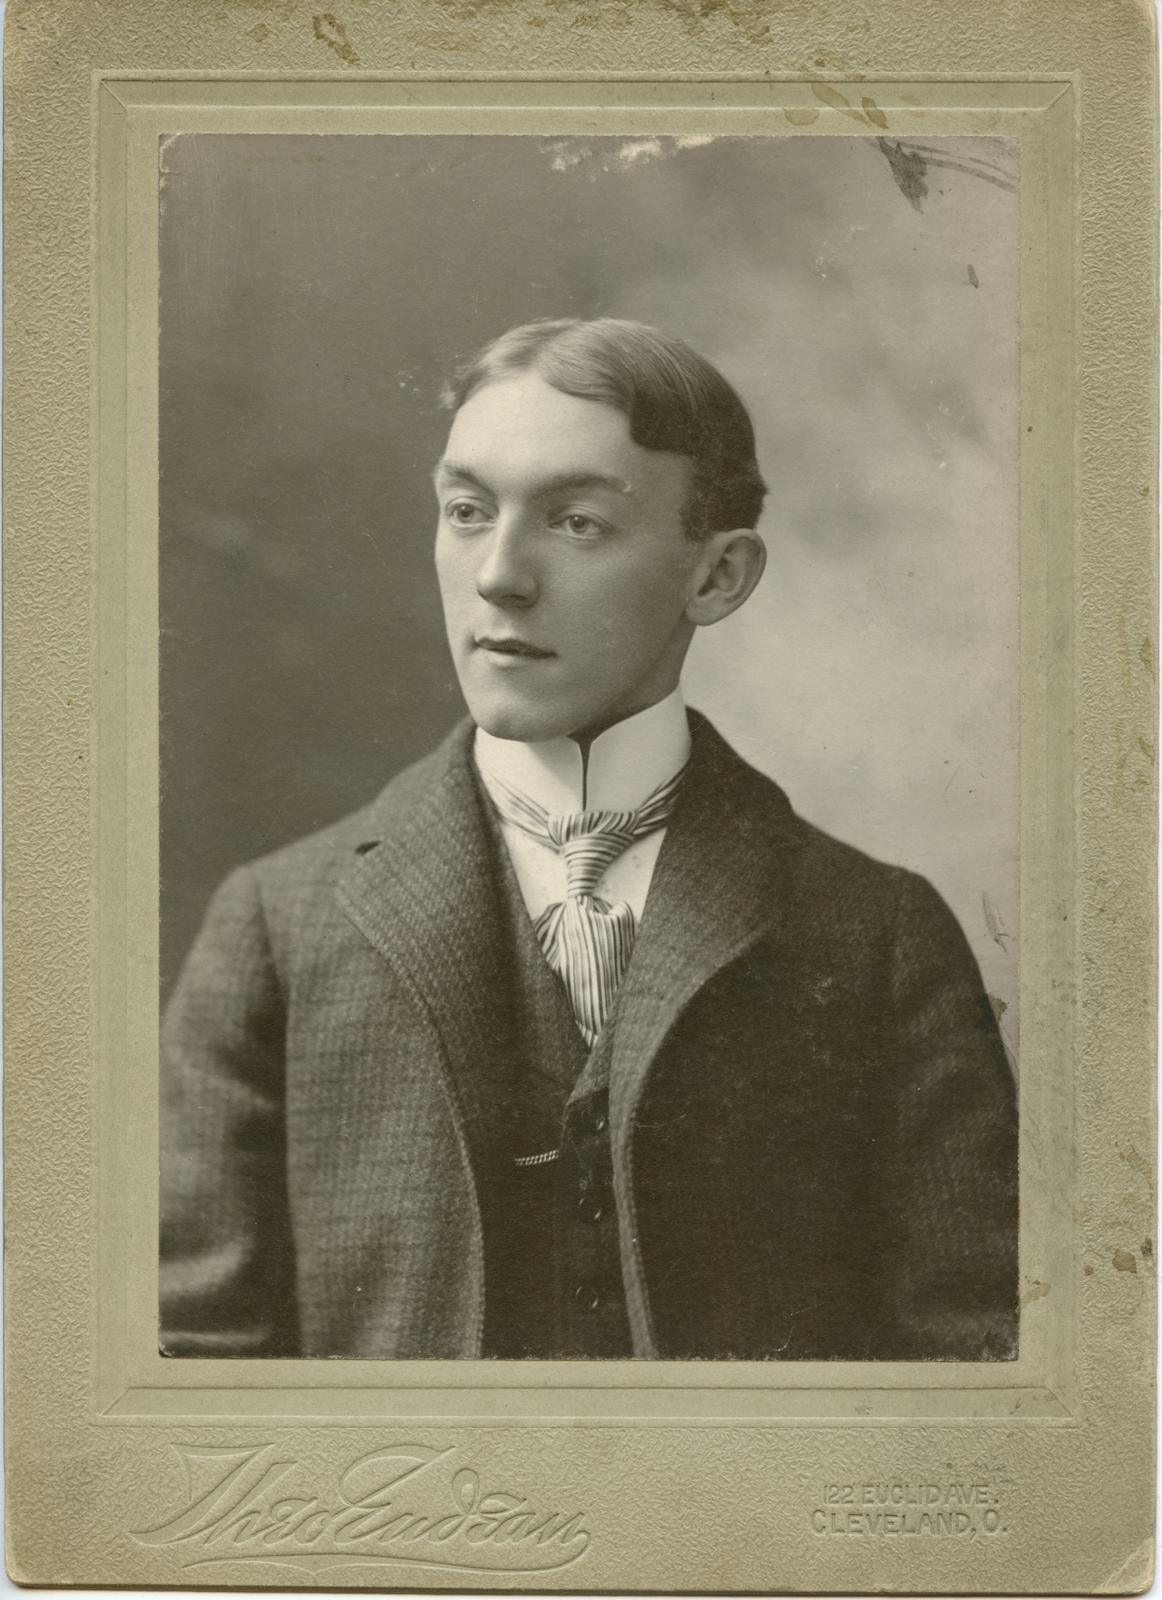 edward-r-betz-1896_large